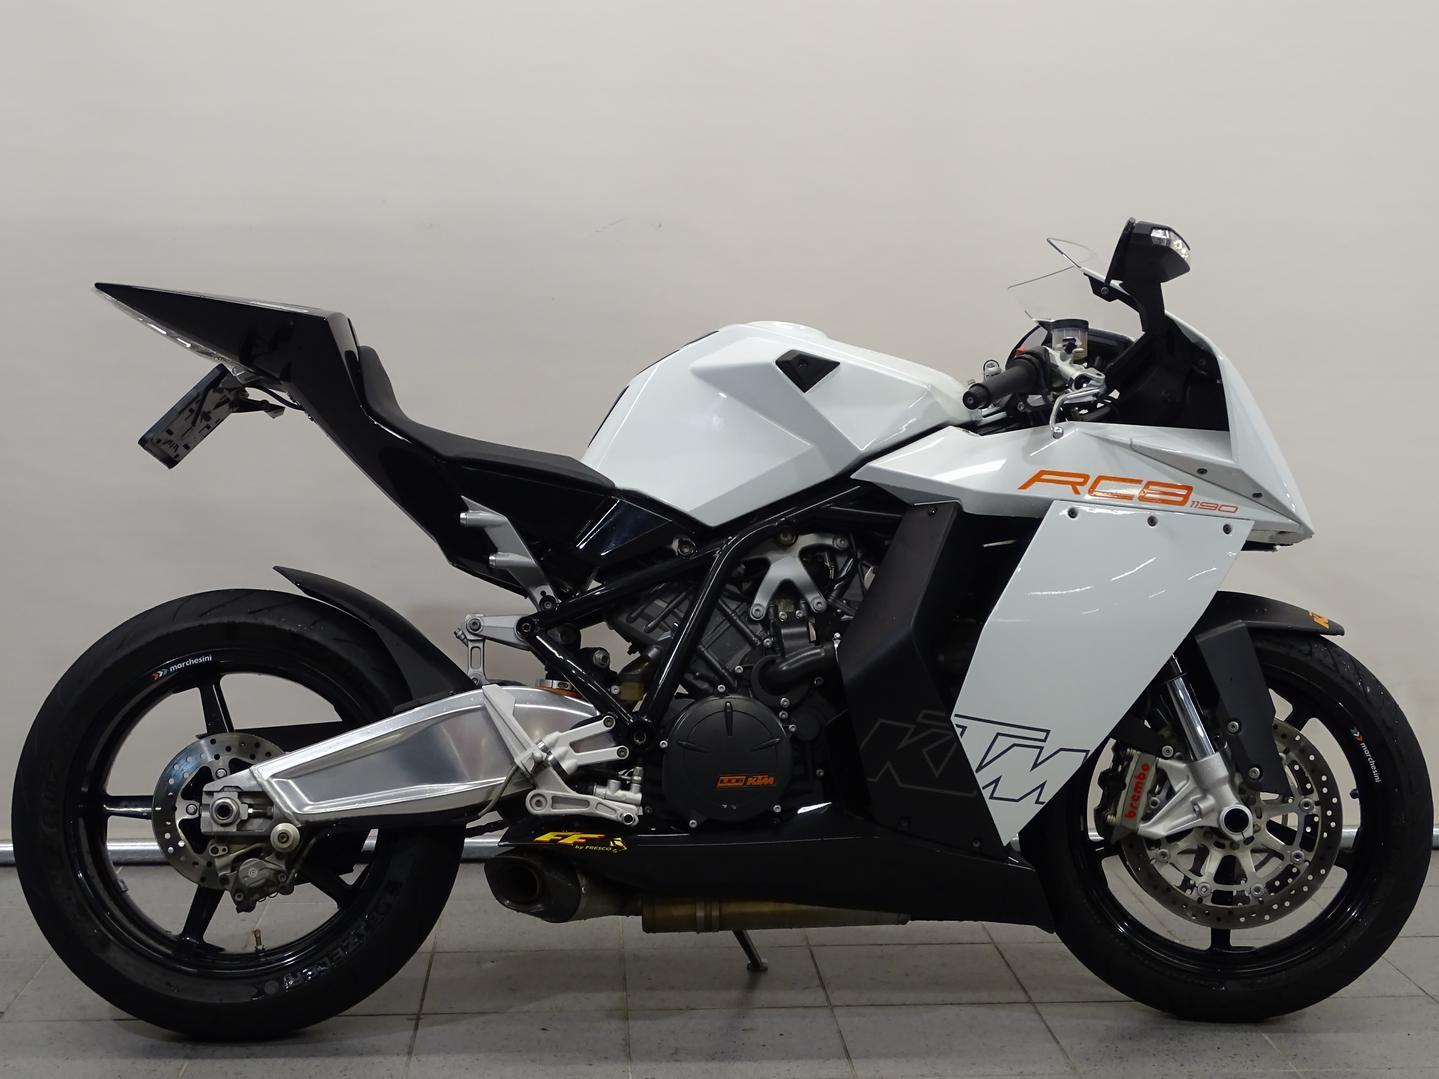 KTM - RC8